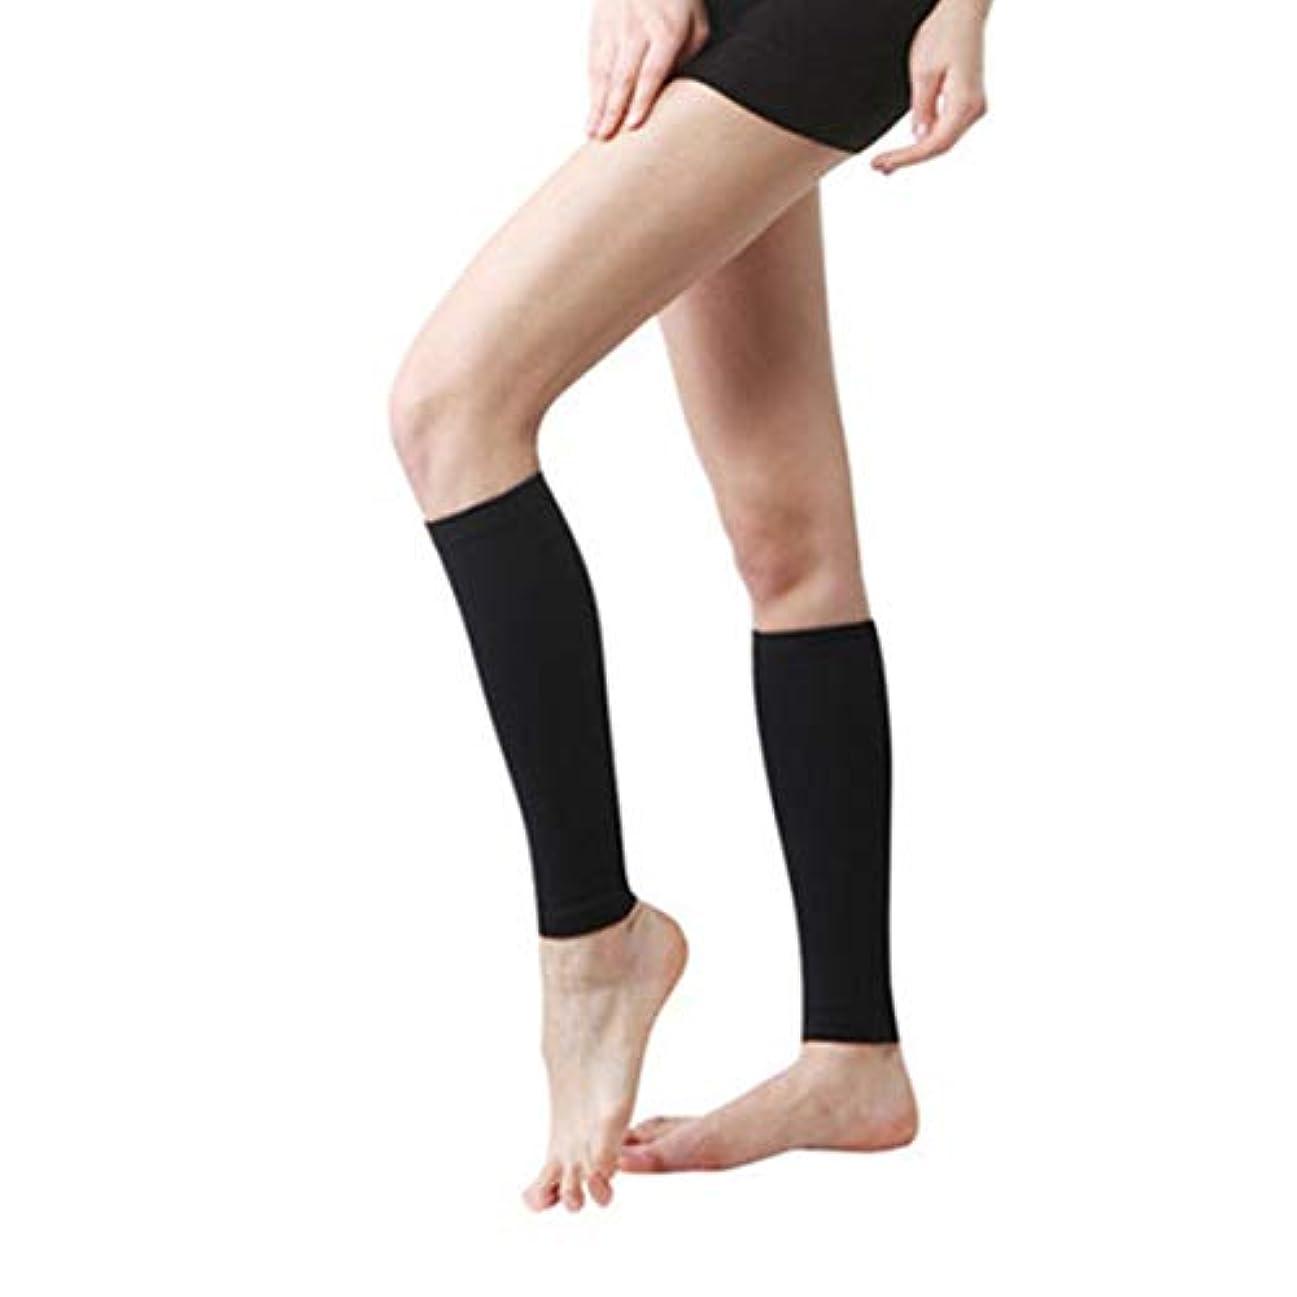 自動ハング含意丈夫な男性女性プロの圧縮靴下通気性のある旅行活動看護師用シンススプリントフライトトラベル - ブラック